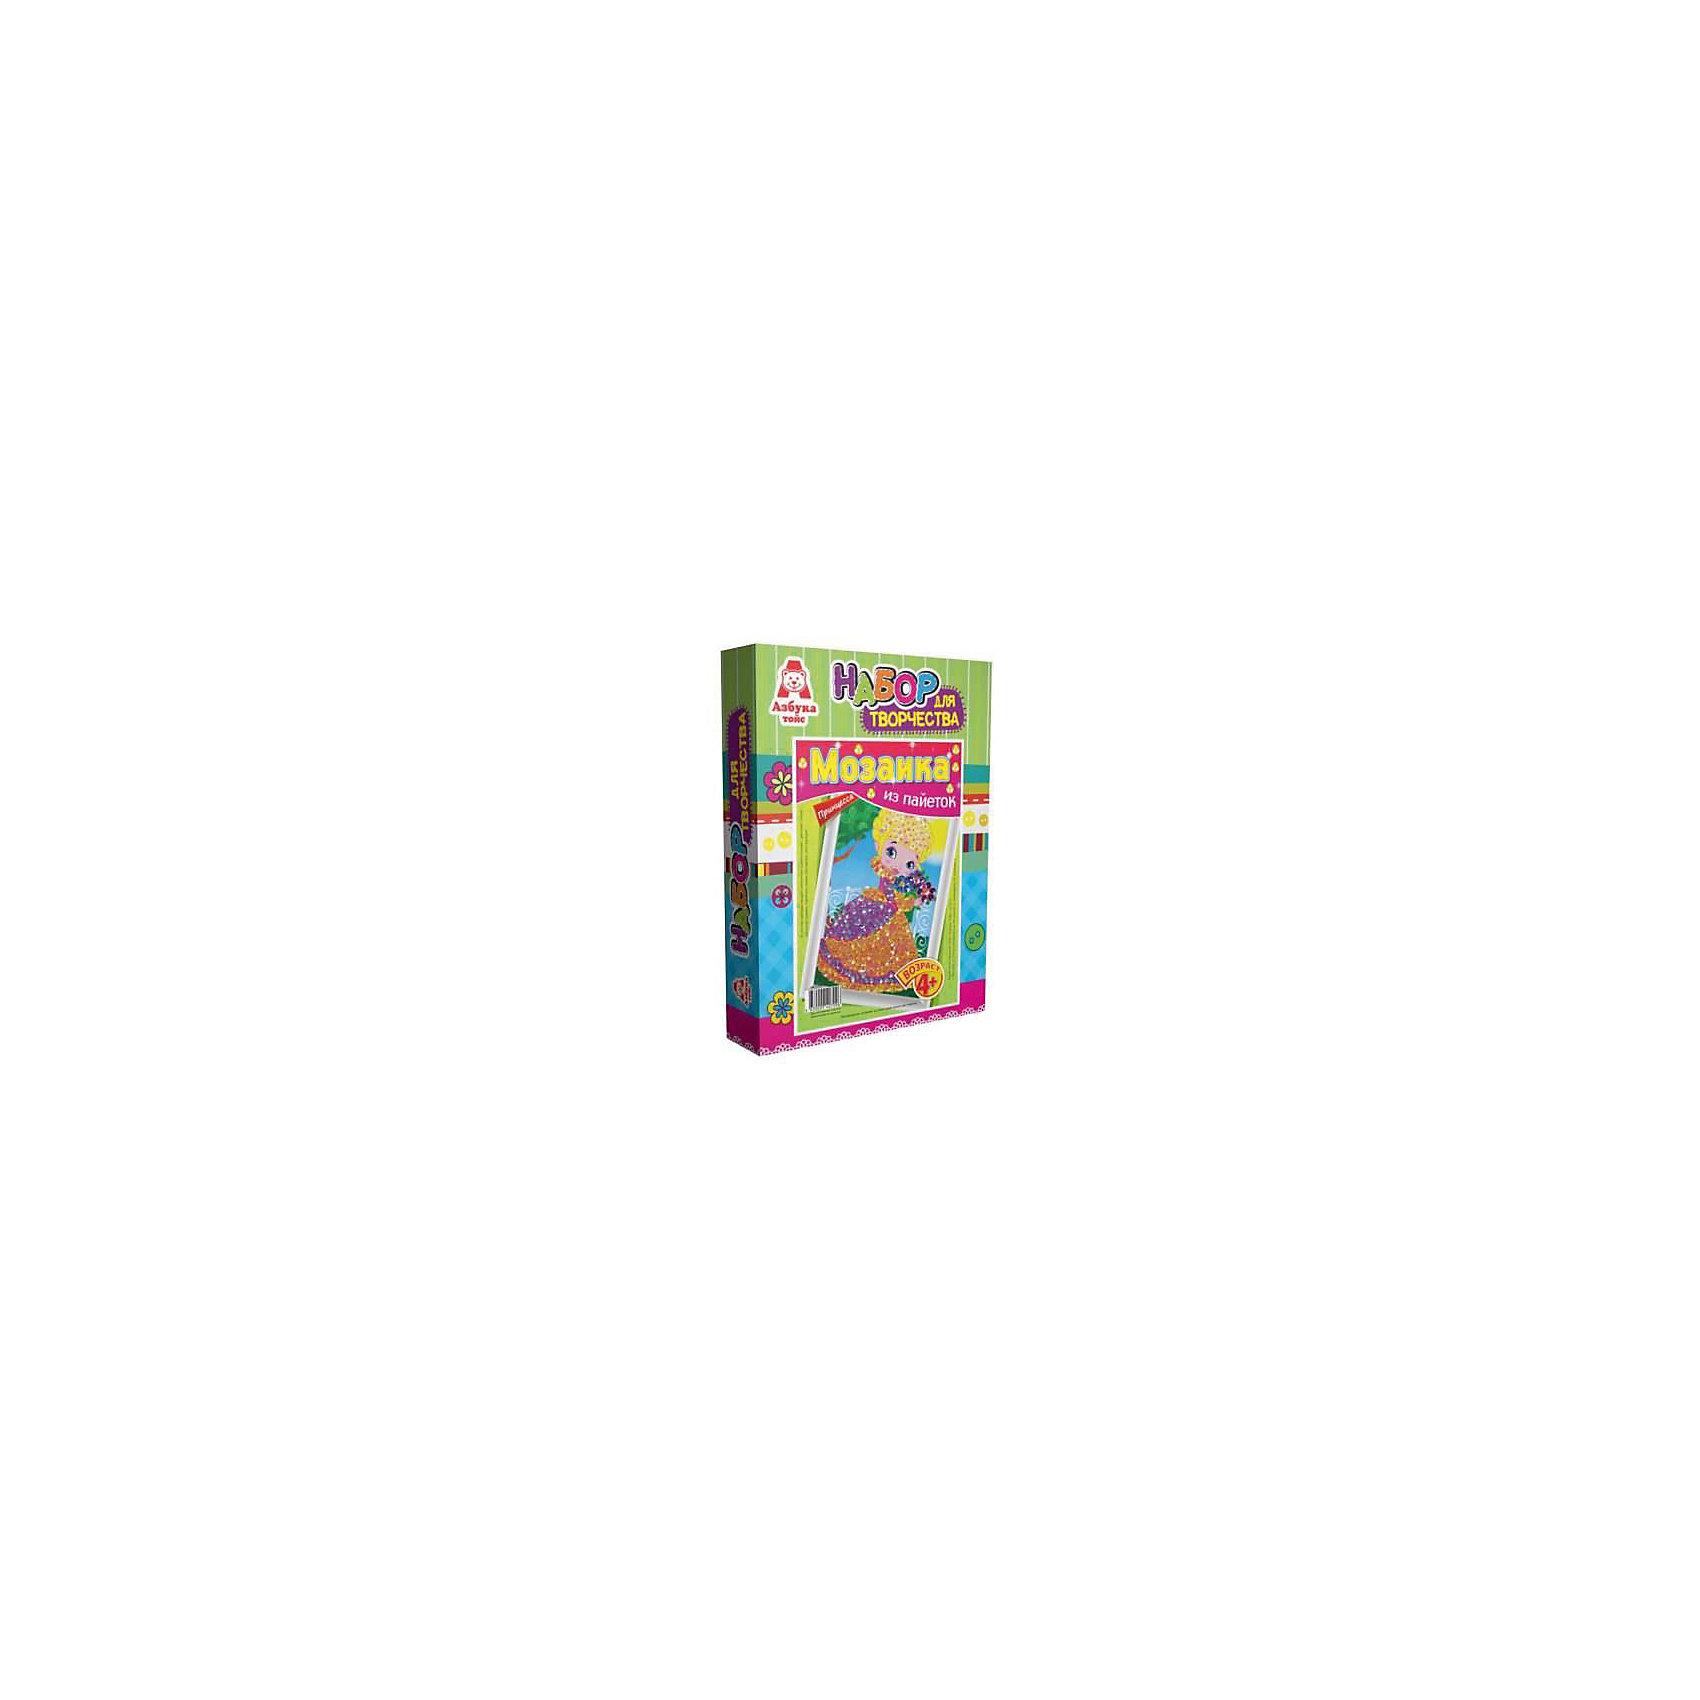 Картина из пайеток ПринцессаМозаика<br>Картина из пайеток Принцесса.  <br><br>Характеристики:<br><br>• Размеры 28х21х5 см.<br>• В комплект входит:<br>- пенопластовая основа,<br>- цветная схема,<br>- сборная рамка;<br>- пайетки,<br>- пины - гвоздики,<br>- инструкция.<br><br>Пайетки - это блестящие кружочки разного цвета, при помощи которых, можно создавать красивые блестящие картины в виде мозаики Пайетка прикалывается к основе при помощи булавочки-гвоздика. Занятие с набором Мозаика из пайеток развивает творческие способности, воображение, концентрацию внимания, мелкую моторику, аккуратность и усидчивость. Такая картина станет украшением вашего дома или станет прекрасным подарком. Желаем Вам приятной творческой работы!<br><br>Картину из пайеток Принцесса, можно купить в нашем интернет – магазине.<br><br>Ширина мм: 210<br>Глубина мм: 50<br>Высота мм: 280<br>Вес г: 128<br>Возраст от месяцев: 48<br>Возраст до месяцев: 108<br>Пол: Женский<br>Возраст: Детский<br>SKU: 5062961